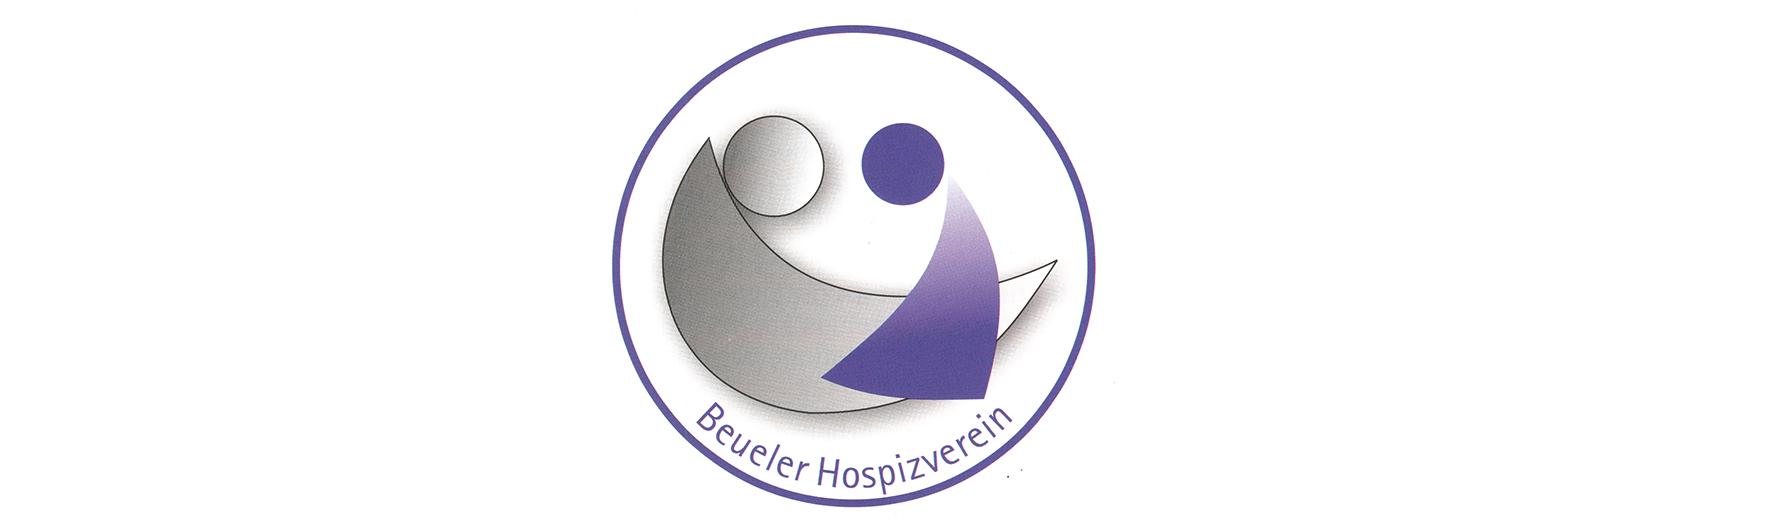 Logo_Palliando_Partner_Beueler_Hospizverein